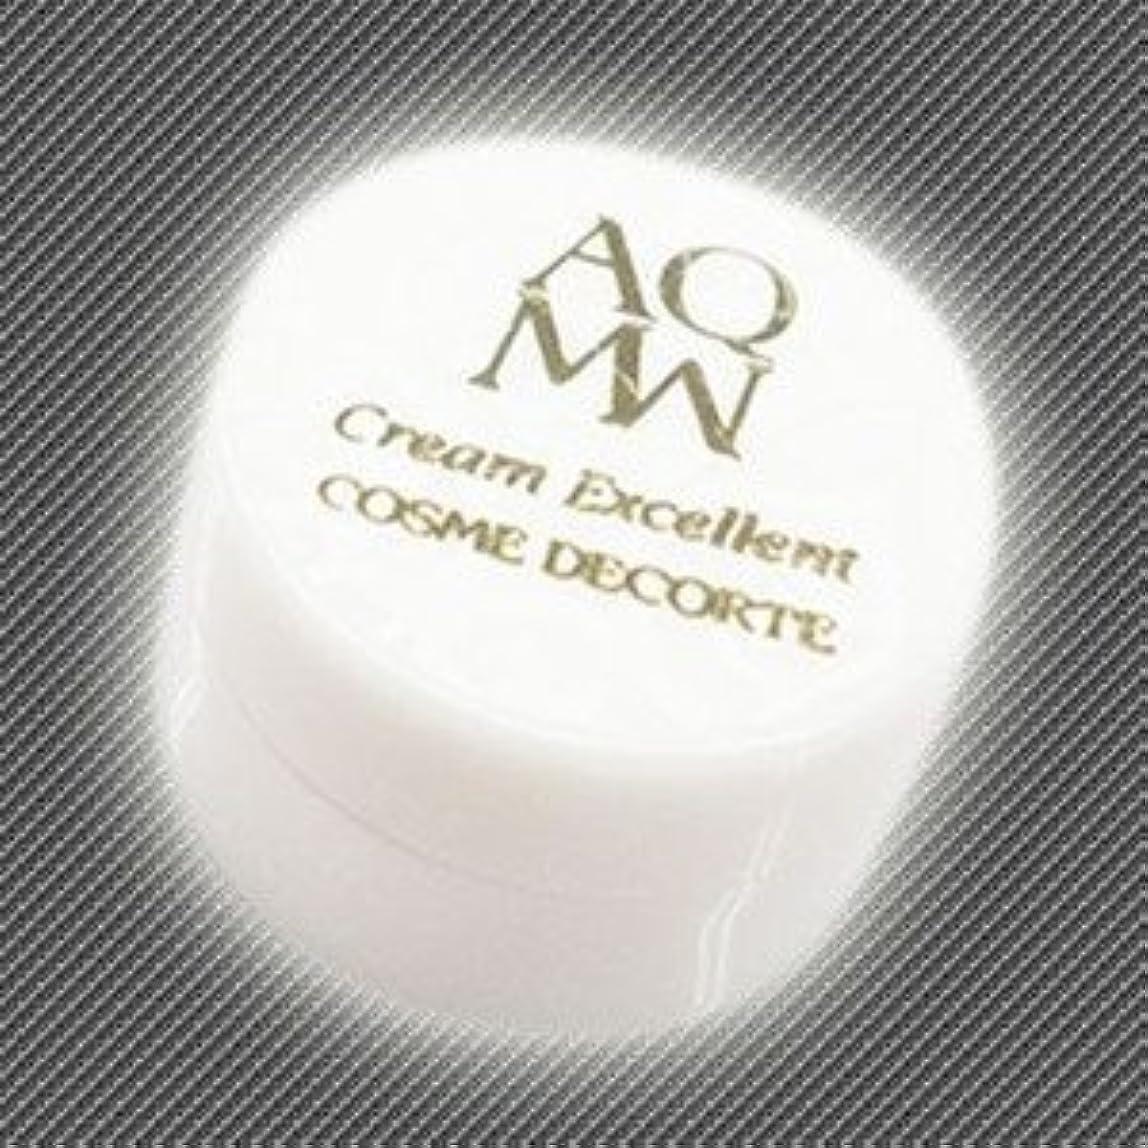 平手打ち数学者復活させるコスメデコルテ AQ MW クリームエクセレント 2.4ml(ミニ)